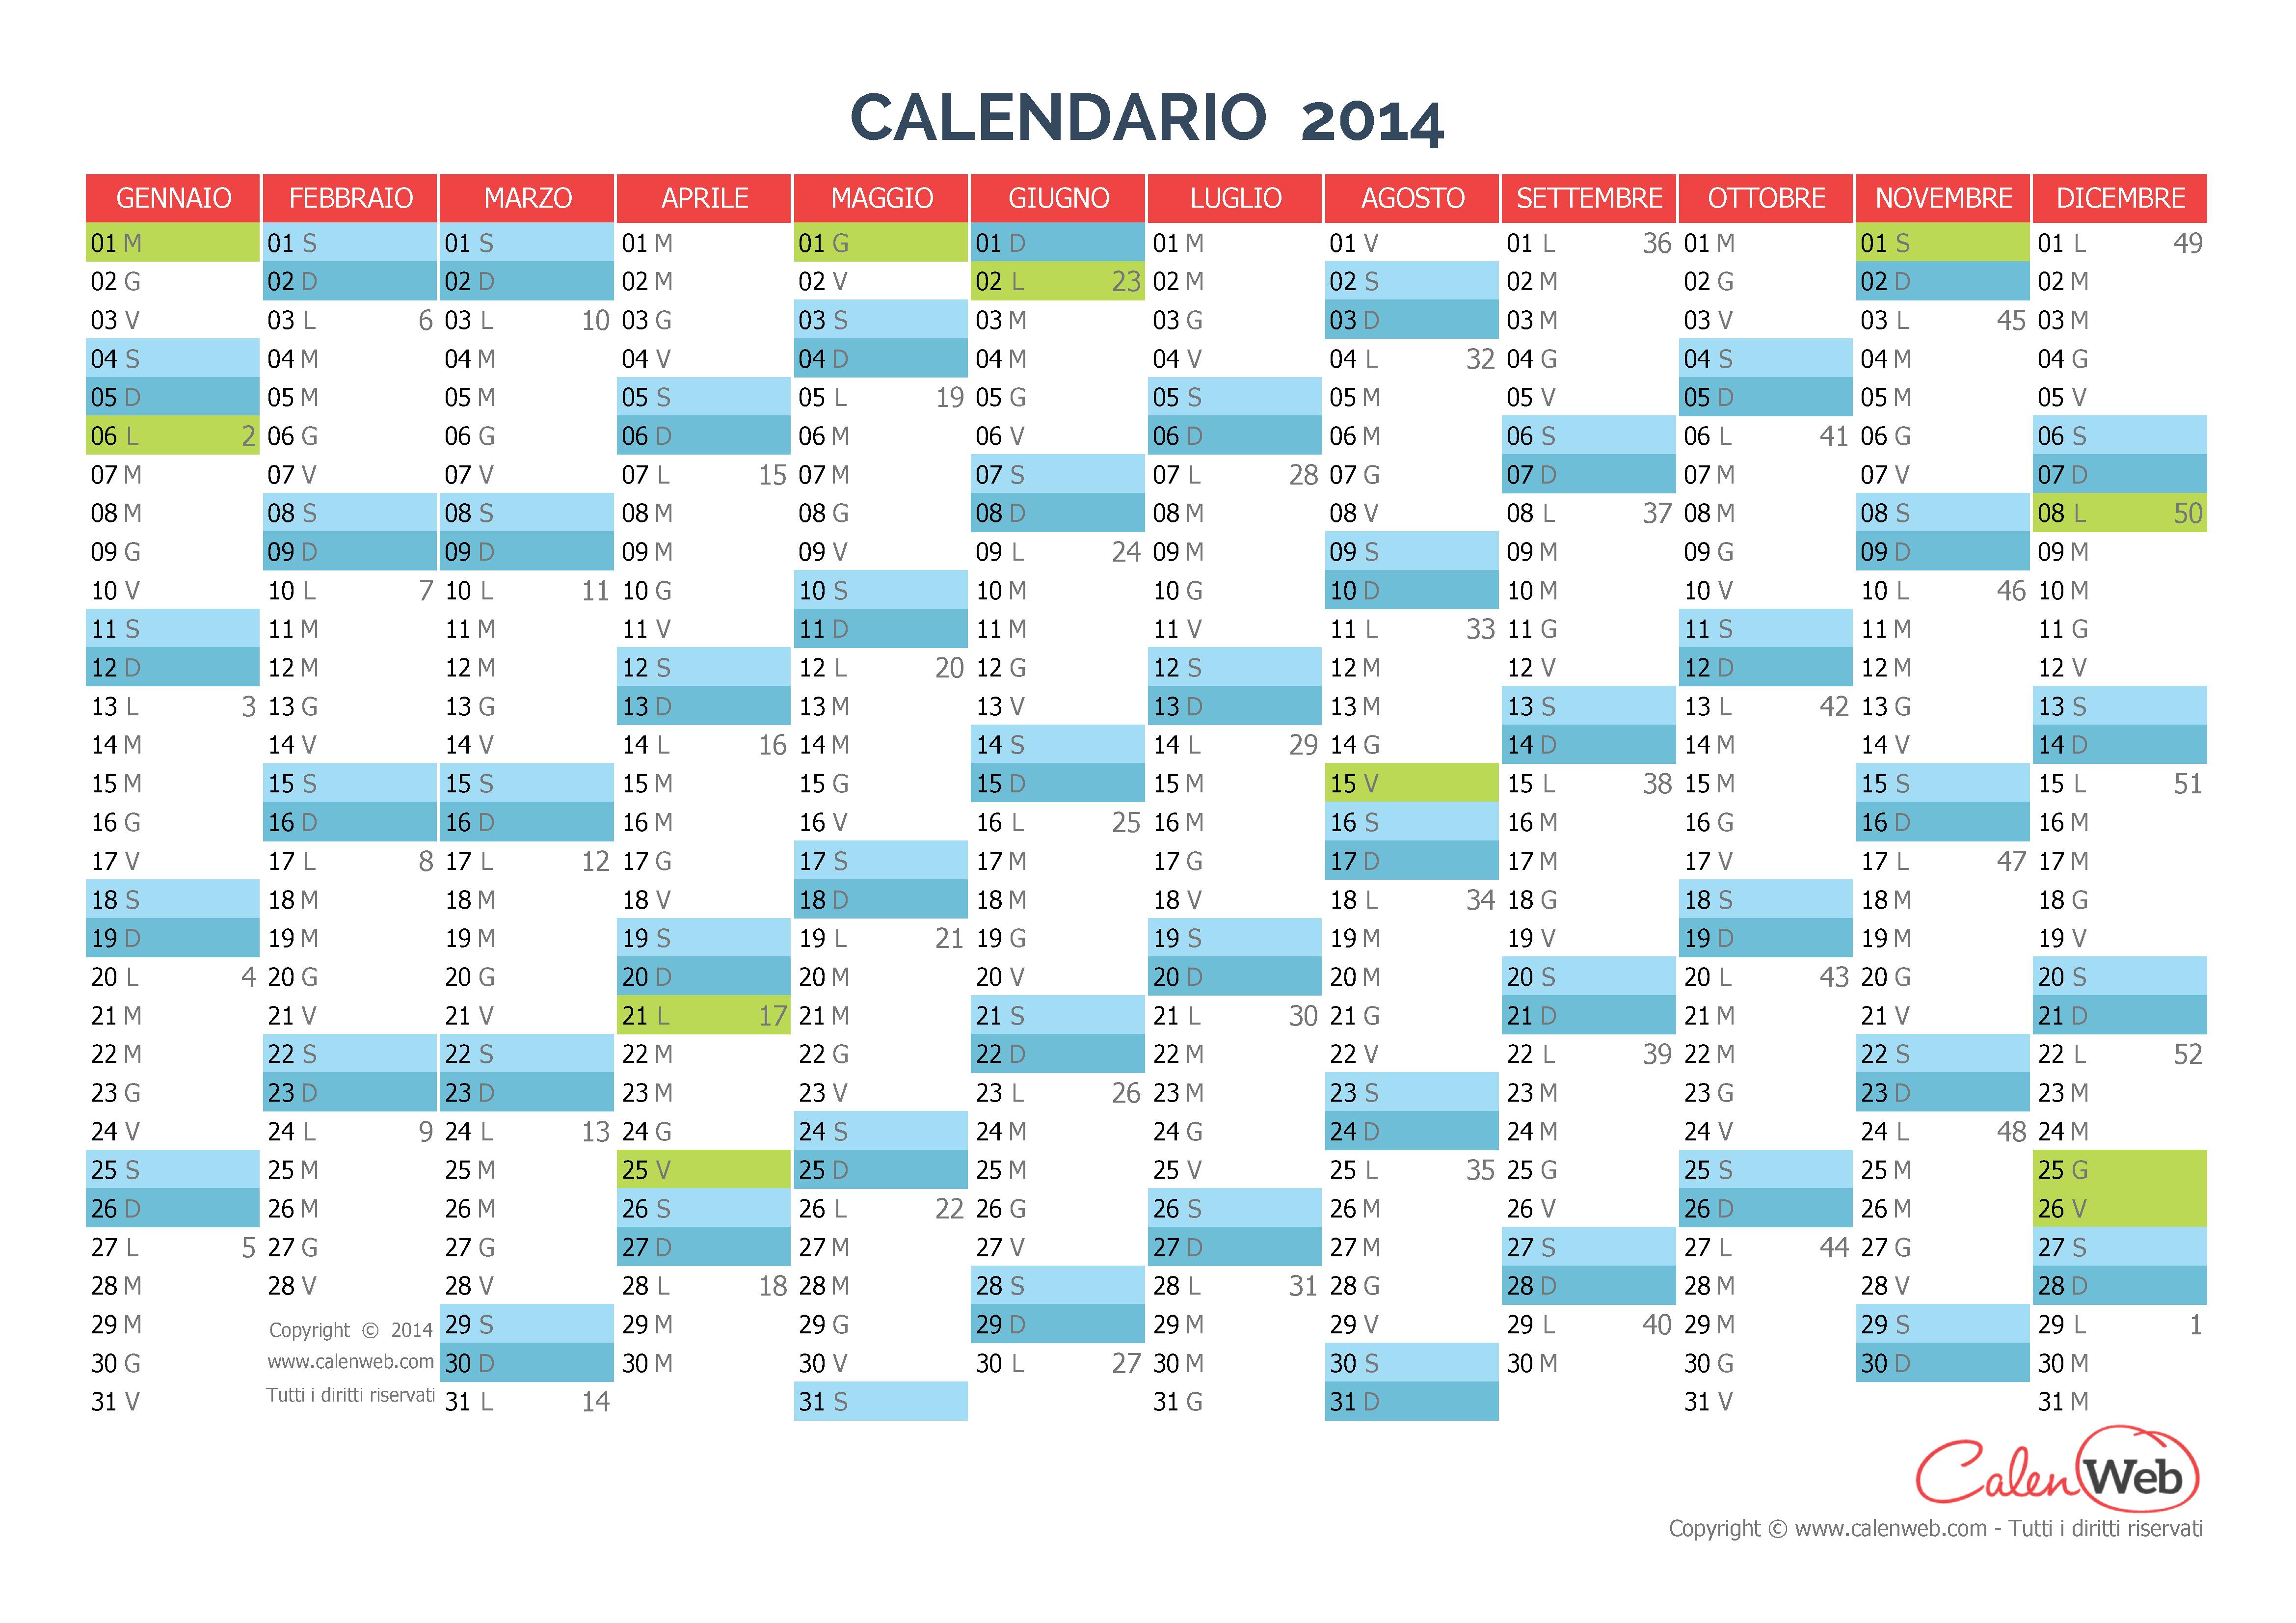 Calendario Anno 2014.Calendario Annuale Anno 2014 Con Le Festivita Italiane